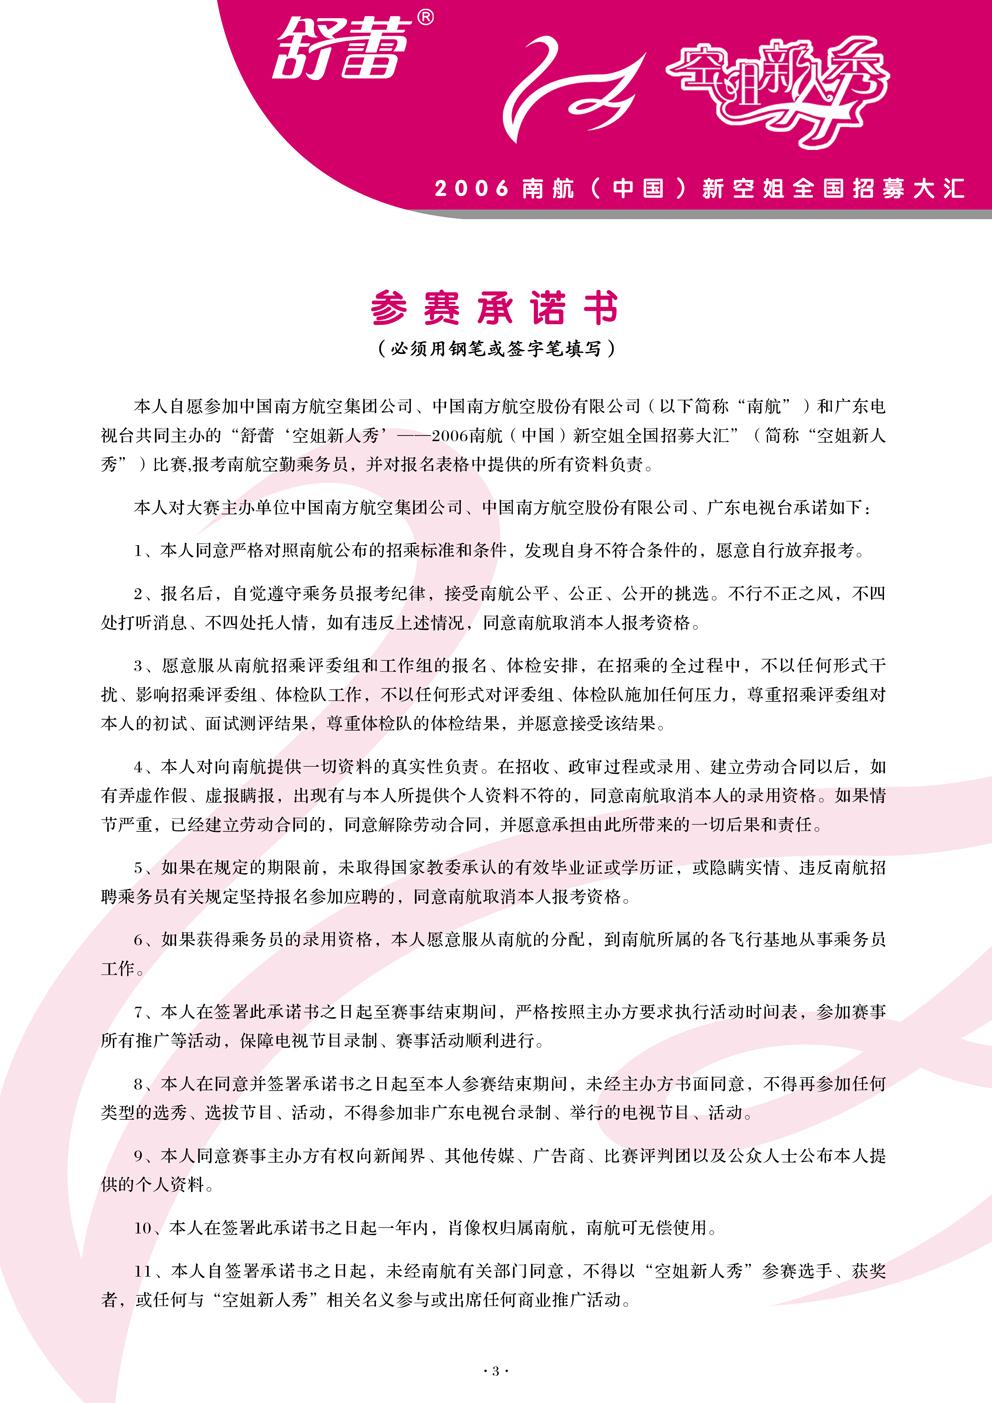 """南航""""空姐新人秀""""报名表格(4)"""